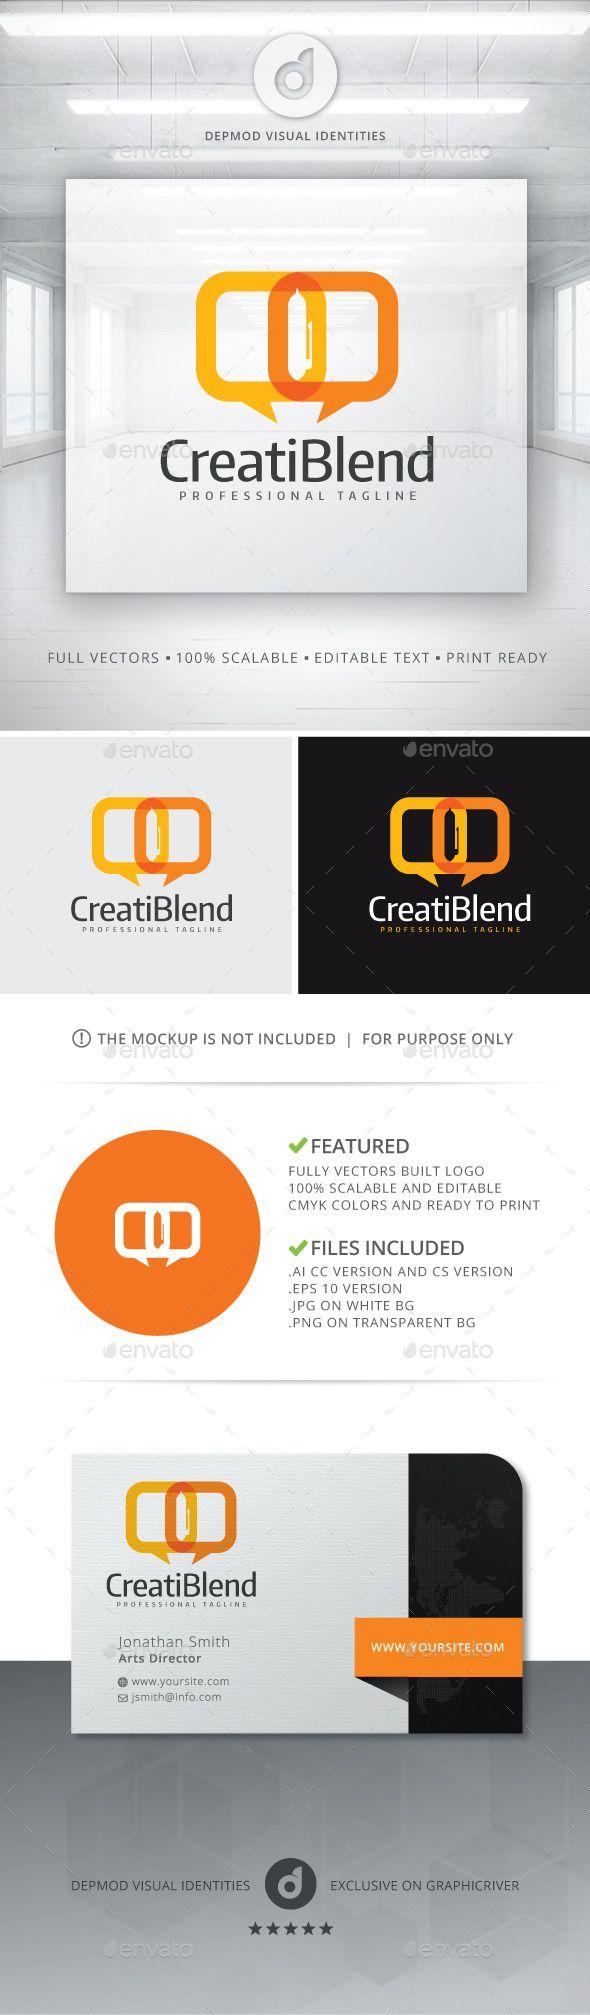 CreatiBlend Logo